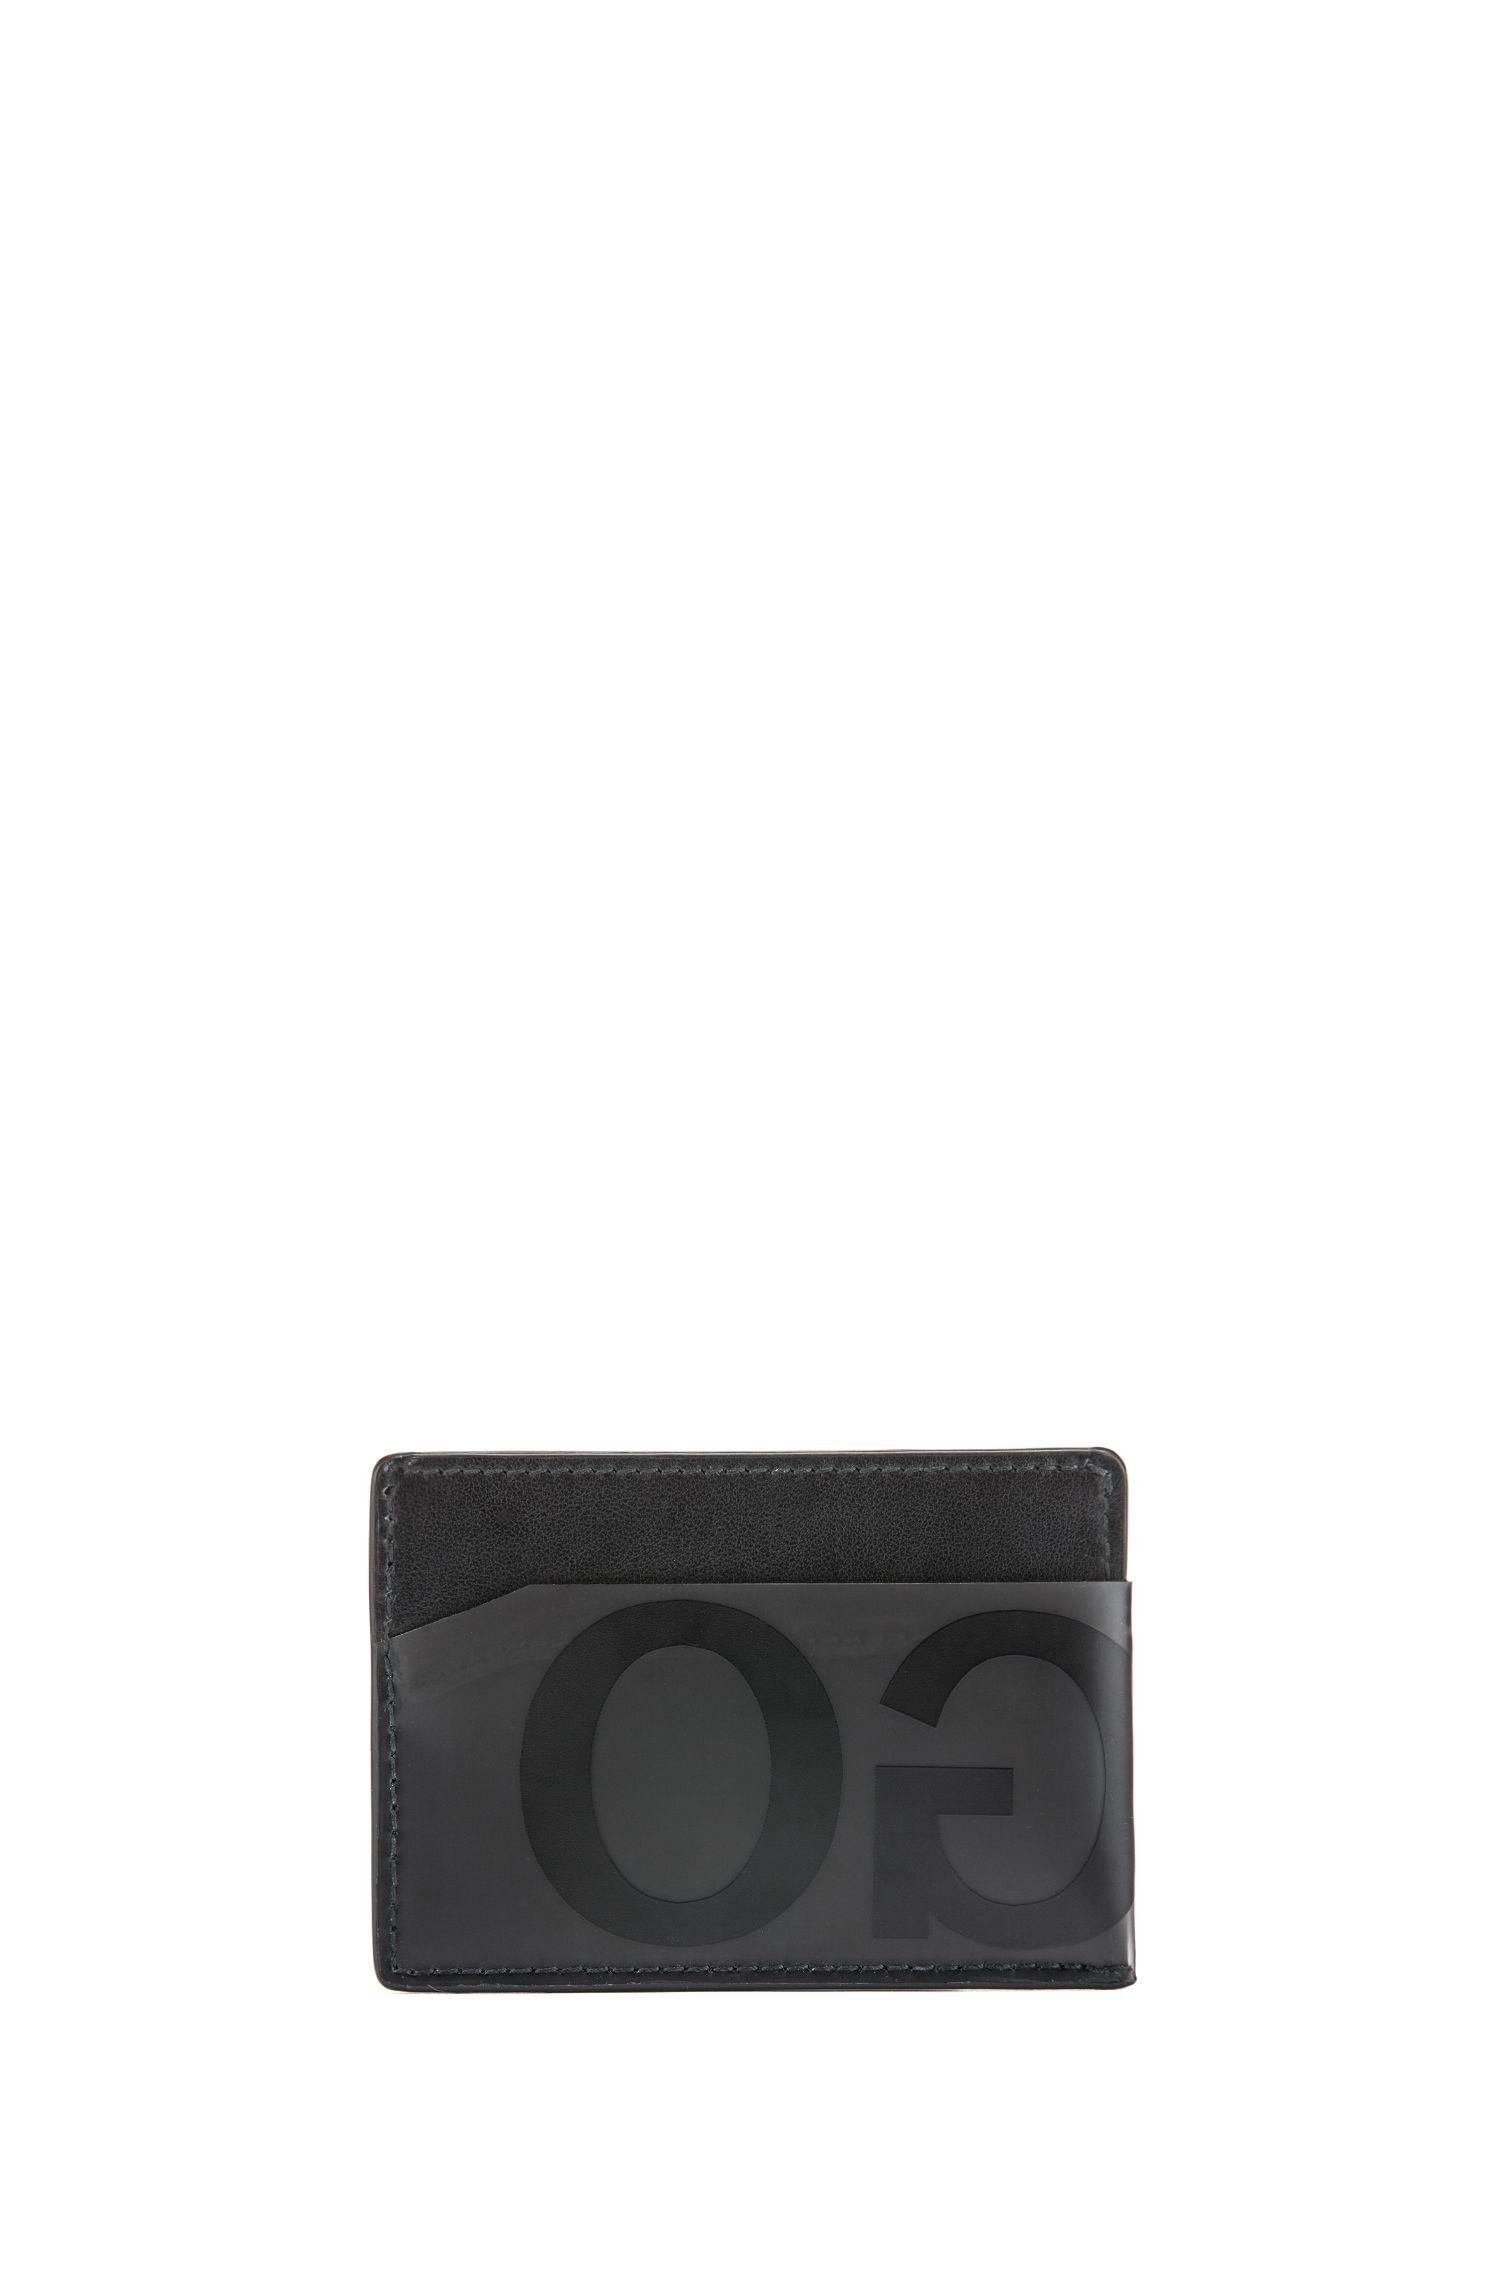 Pasjeshouder van leer met gespiegeld logo op matachtig materiaal, Zwart